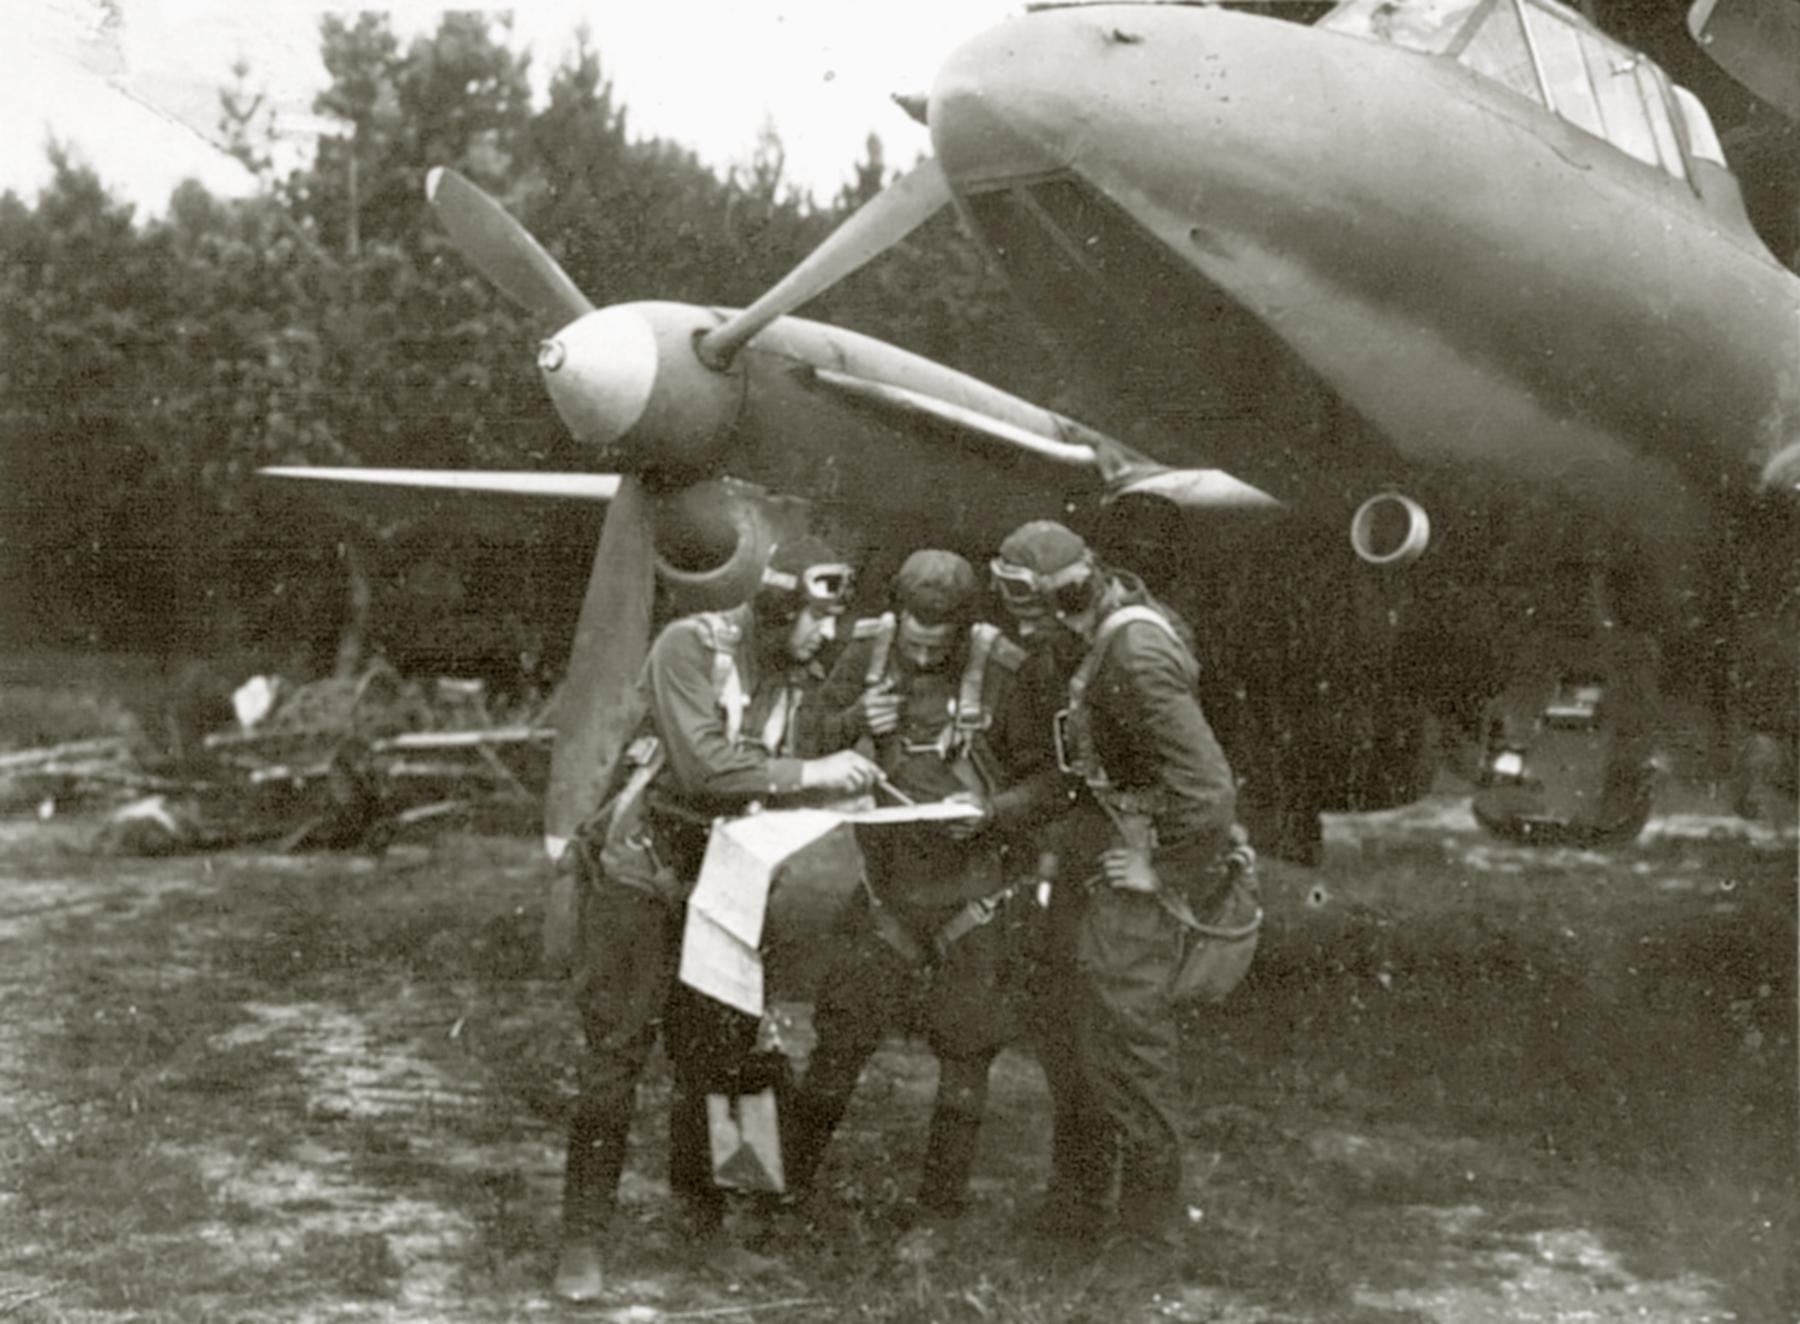 Petlyakov Pe 2 80GvBAP with crew Gulyaev,Pivovarov and Shevchenko 01